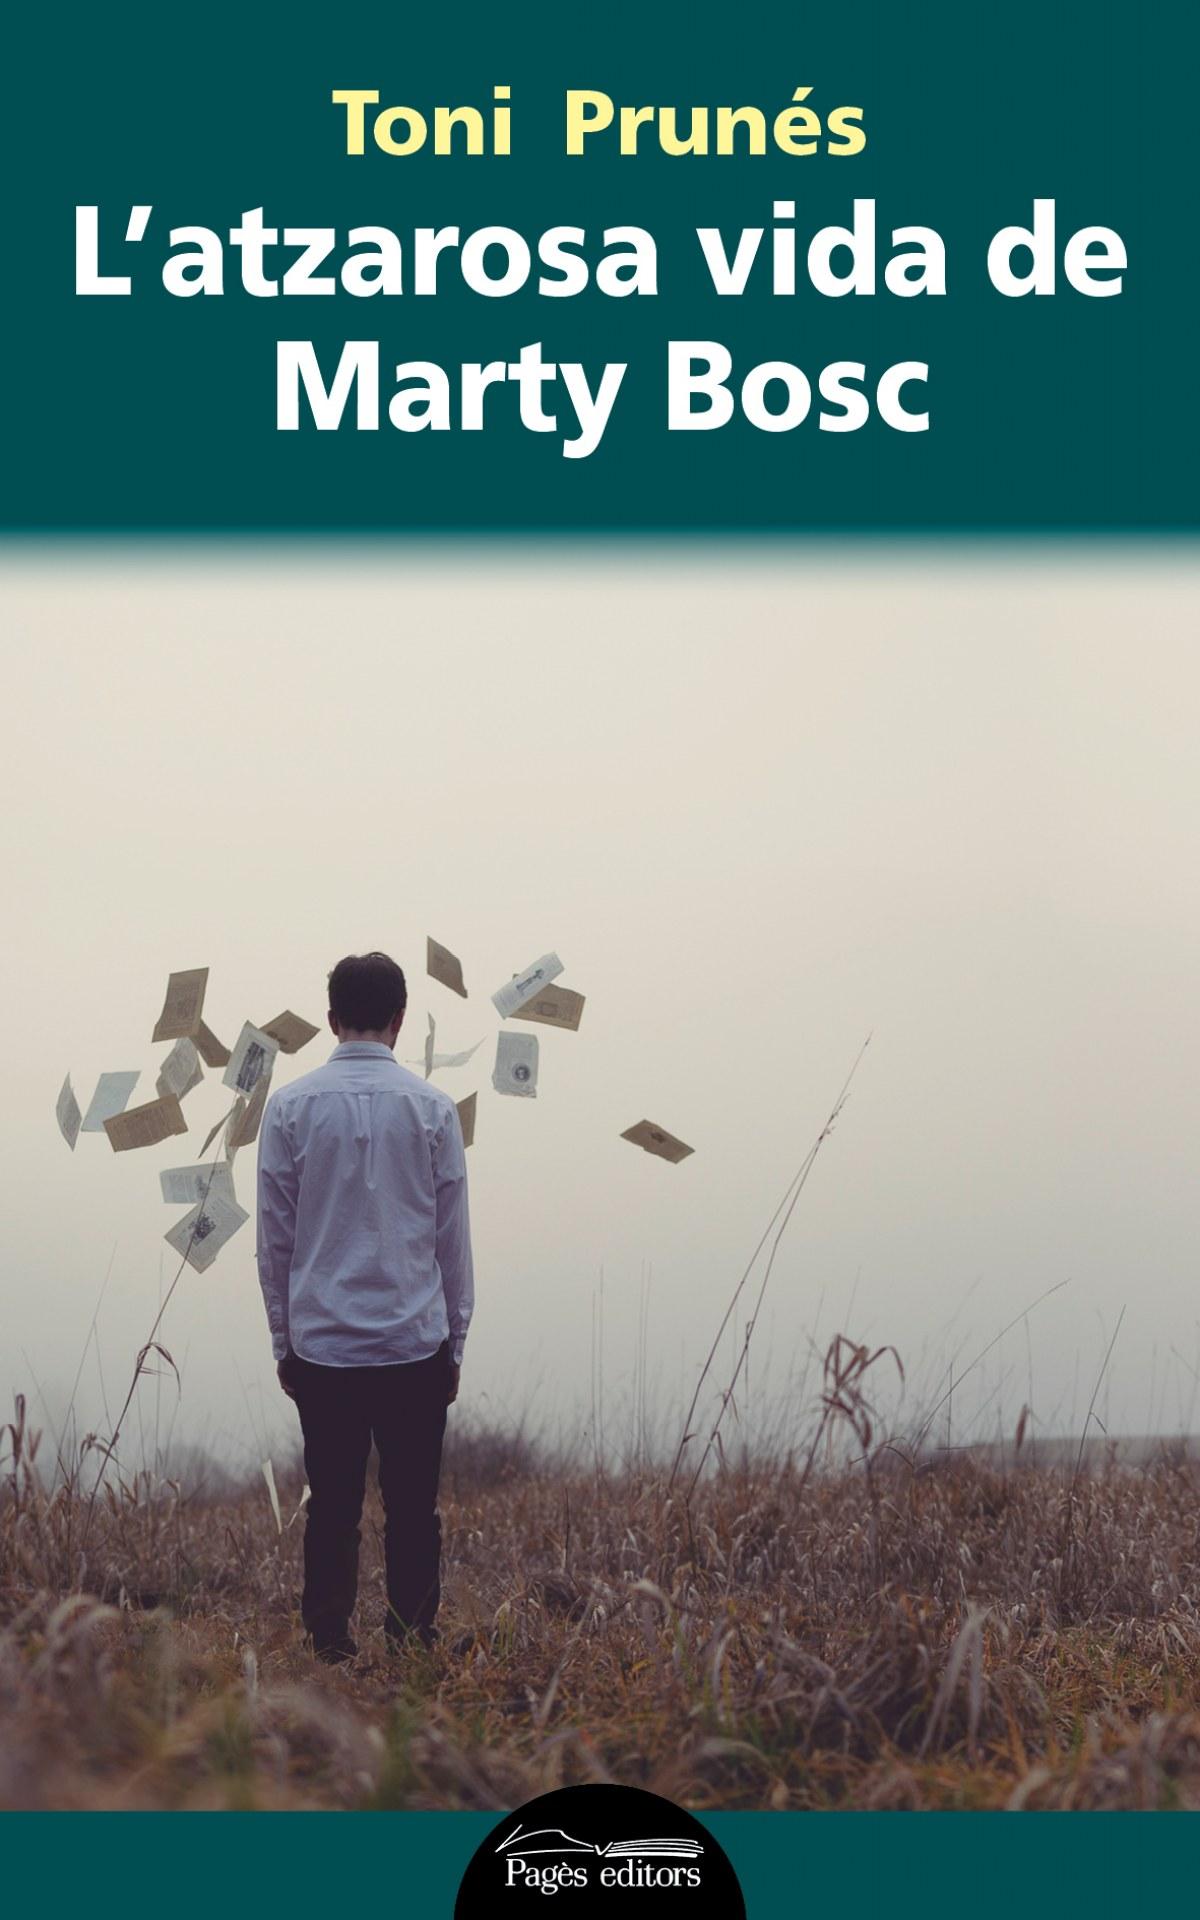 L'ATZAROSA VIDA DE MARTY BOSC